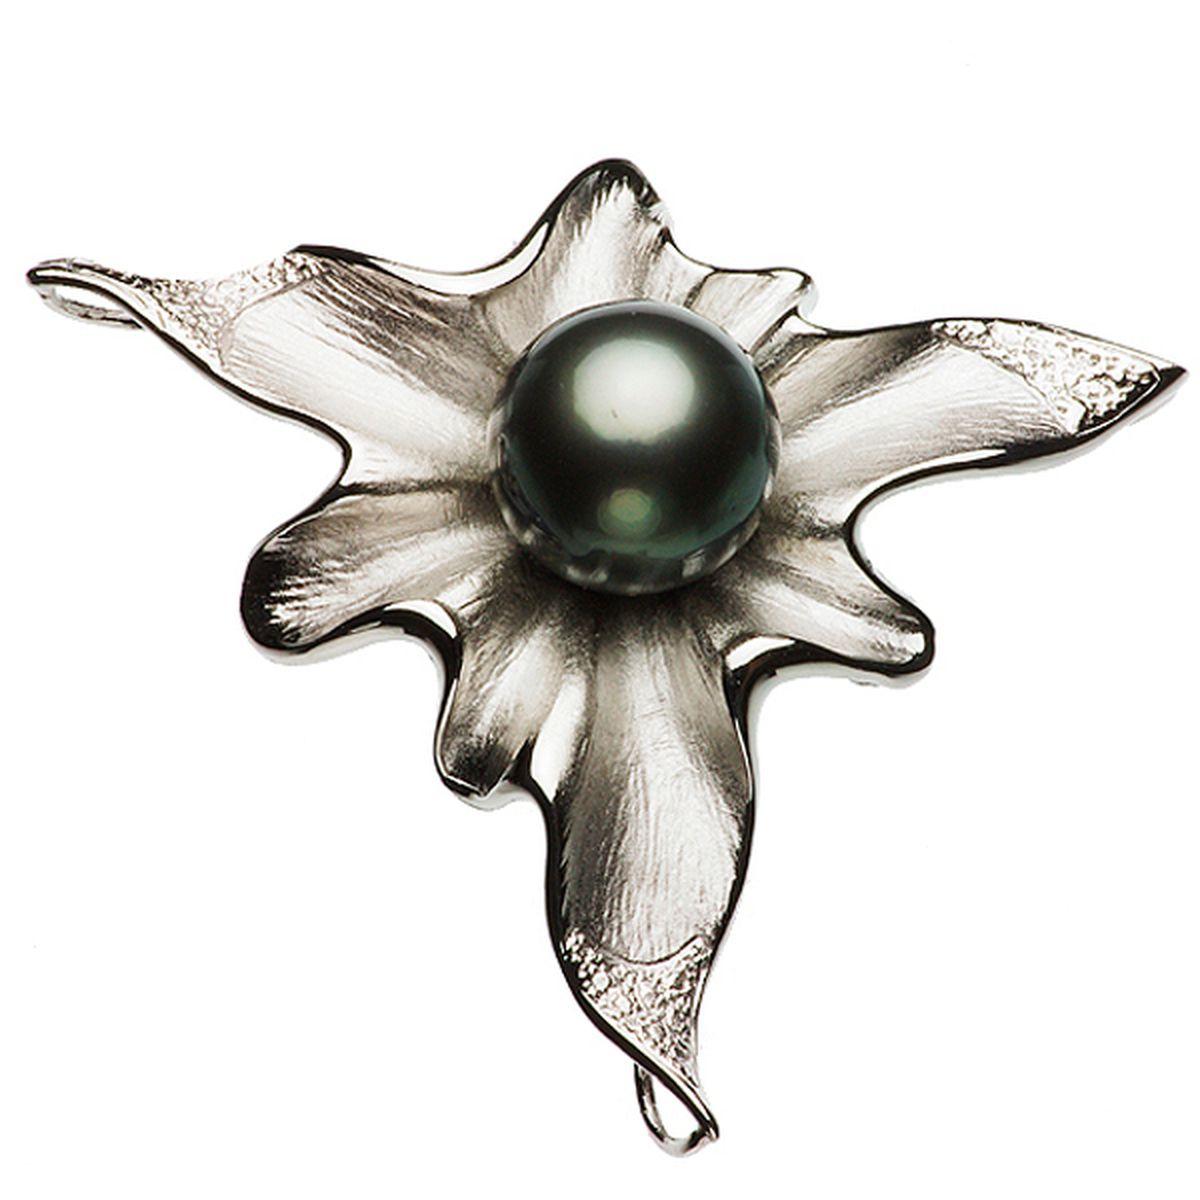 タヒチ黒蝶真珠ブローチ 約13.5mmの写真